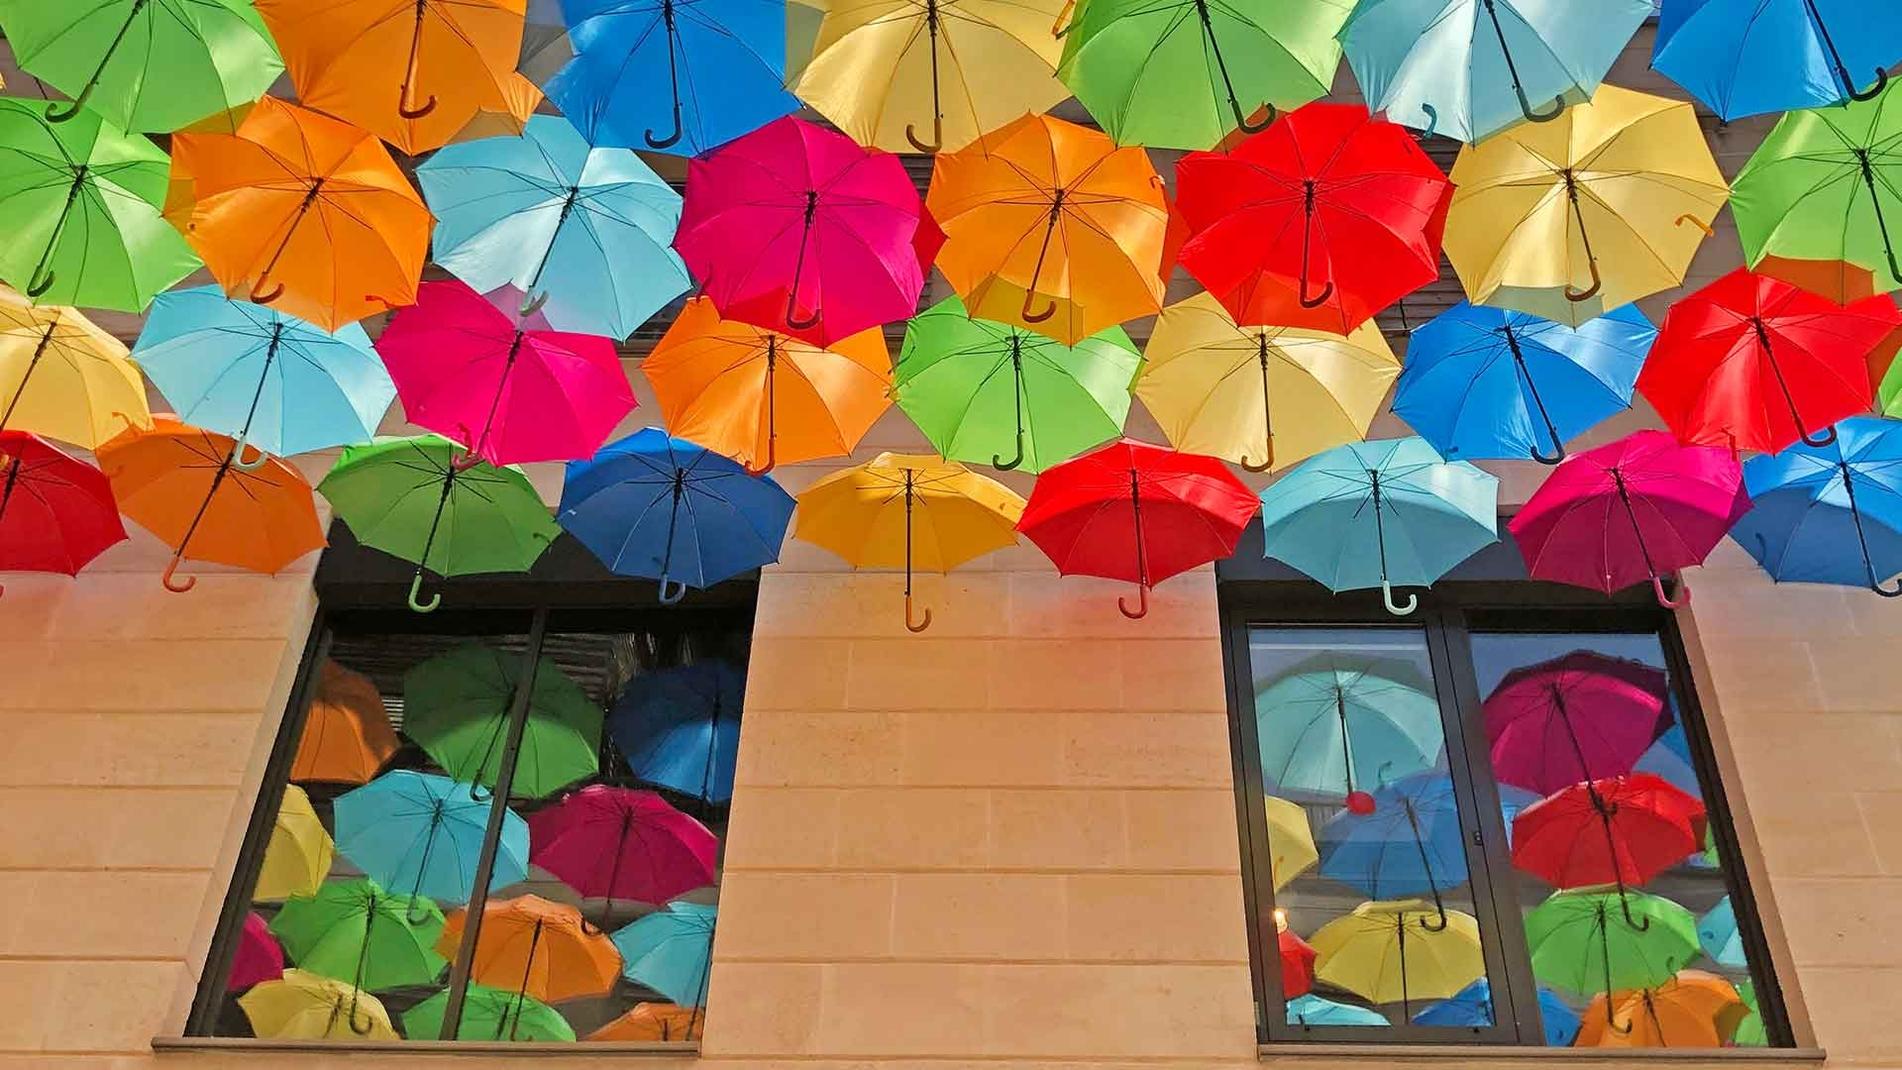 Umbrella Sky Project - Bordéus'19